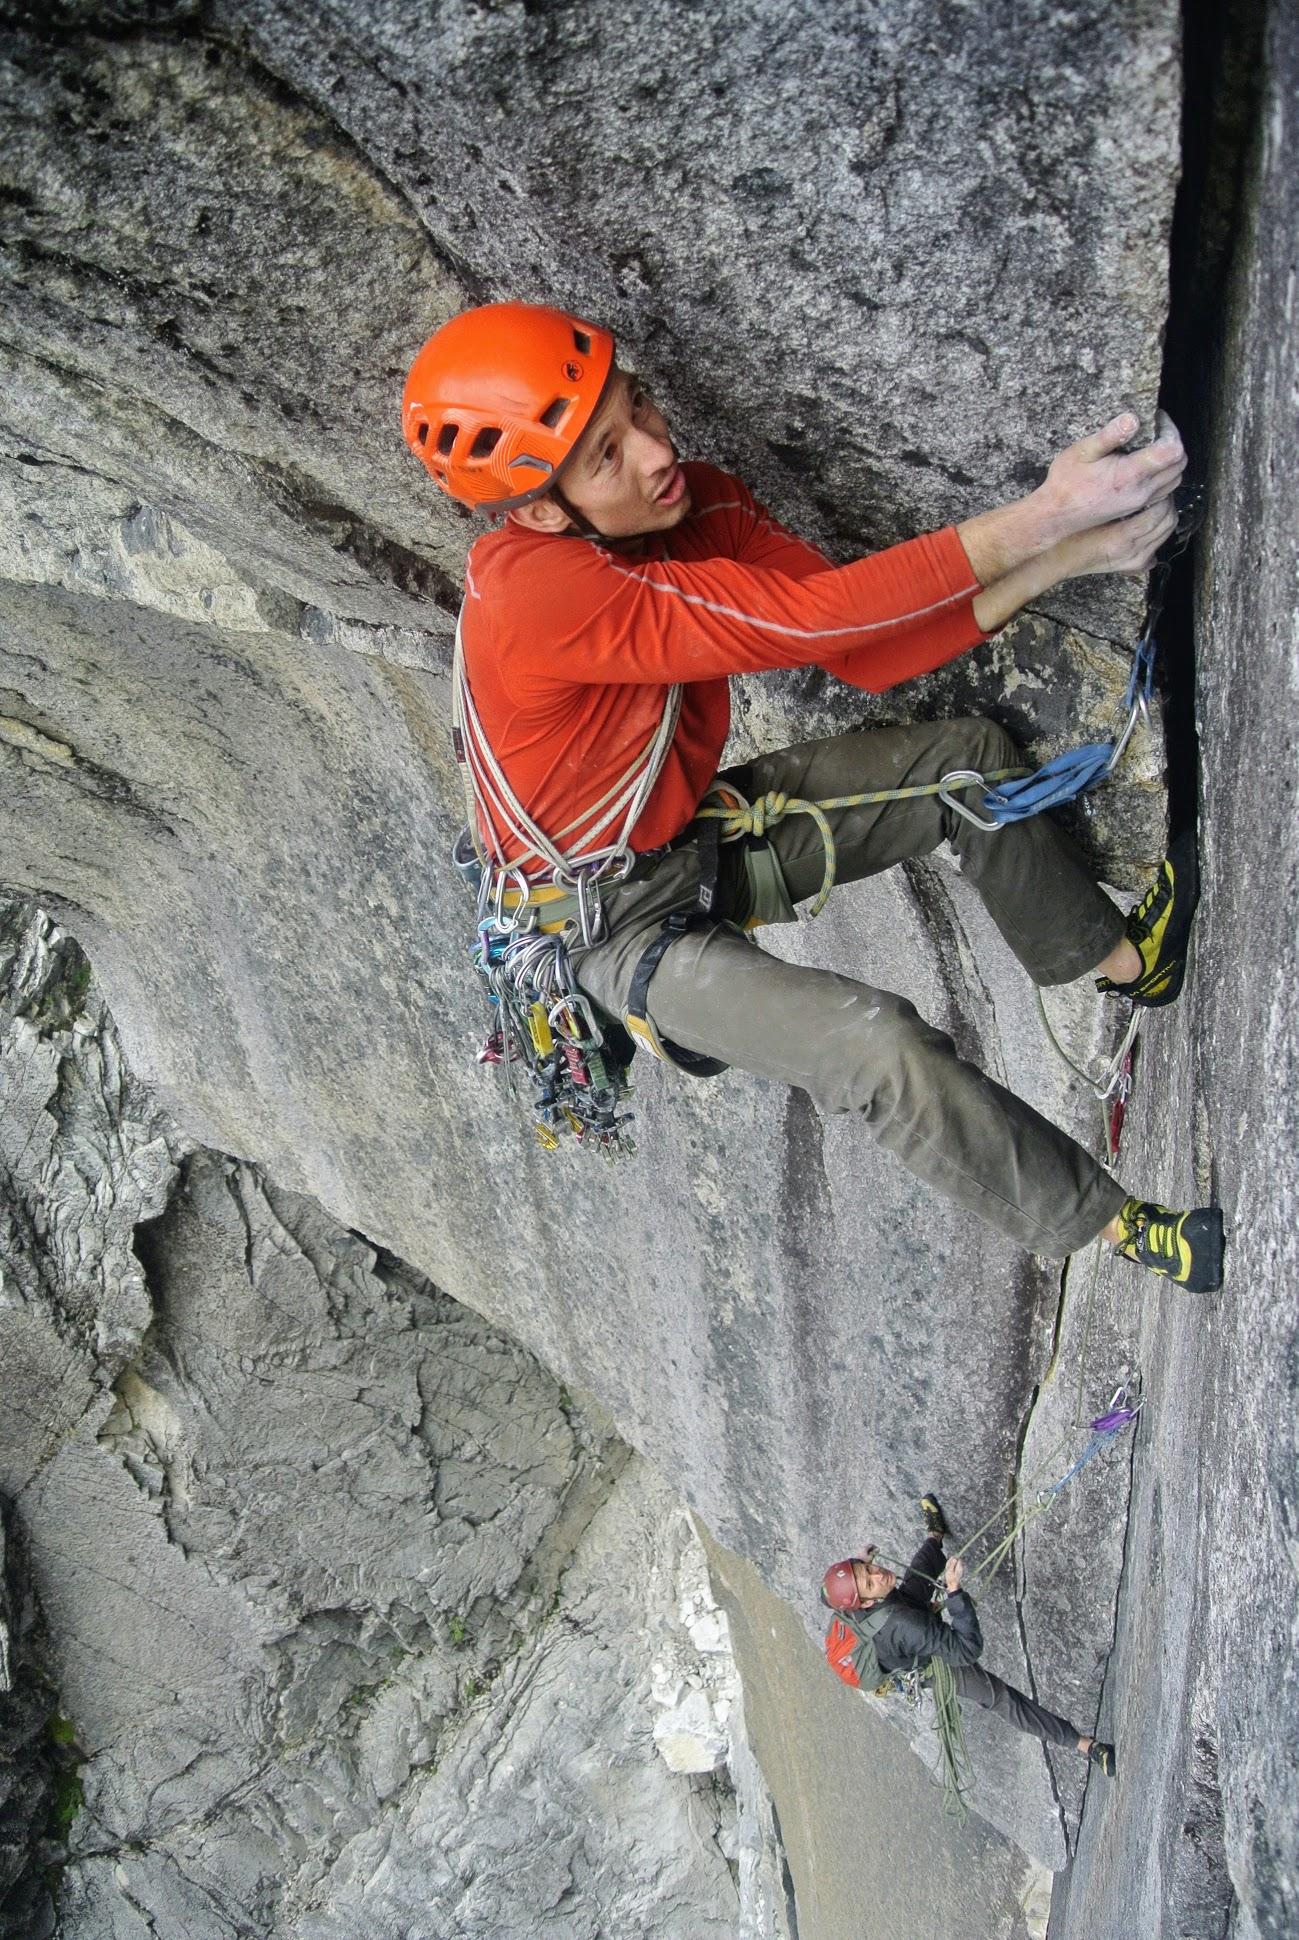 Nicolas Rivas en el 3° largo de Todo Cambia (5.11c, 460 m) sobre la Pared del Tiemp en Anfiteatro.